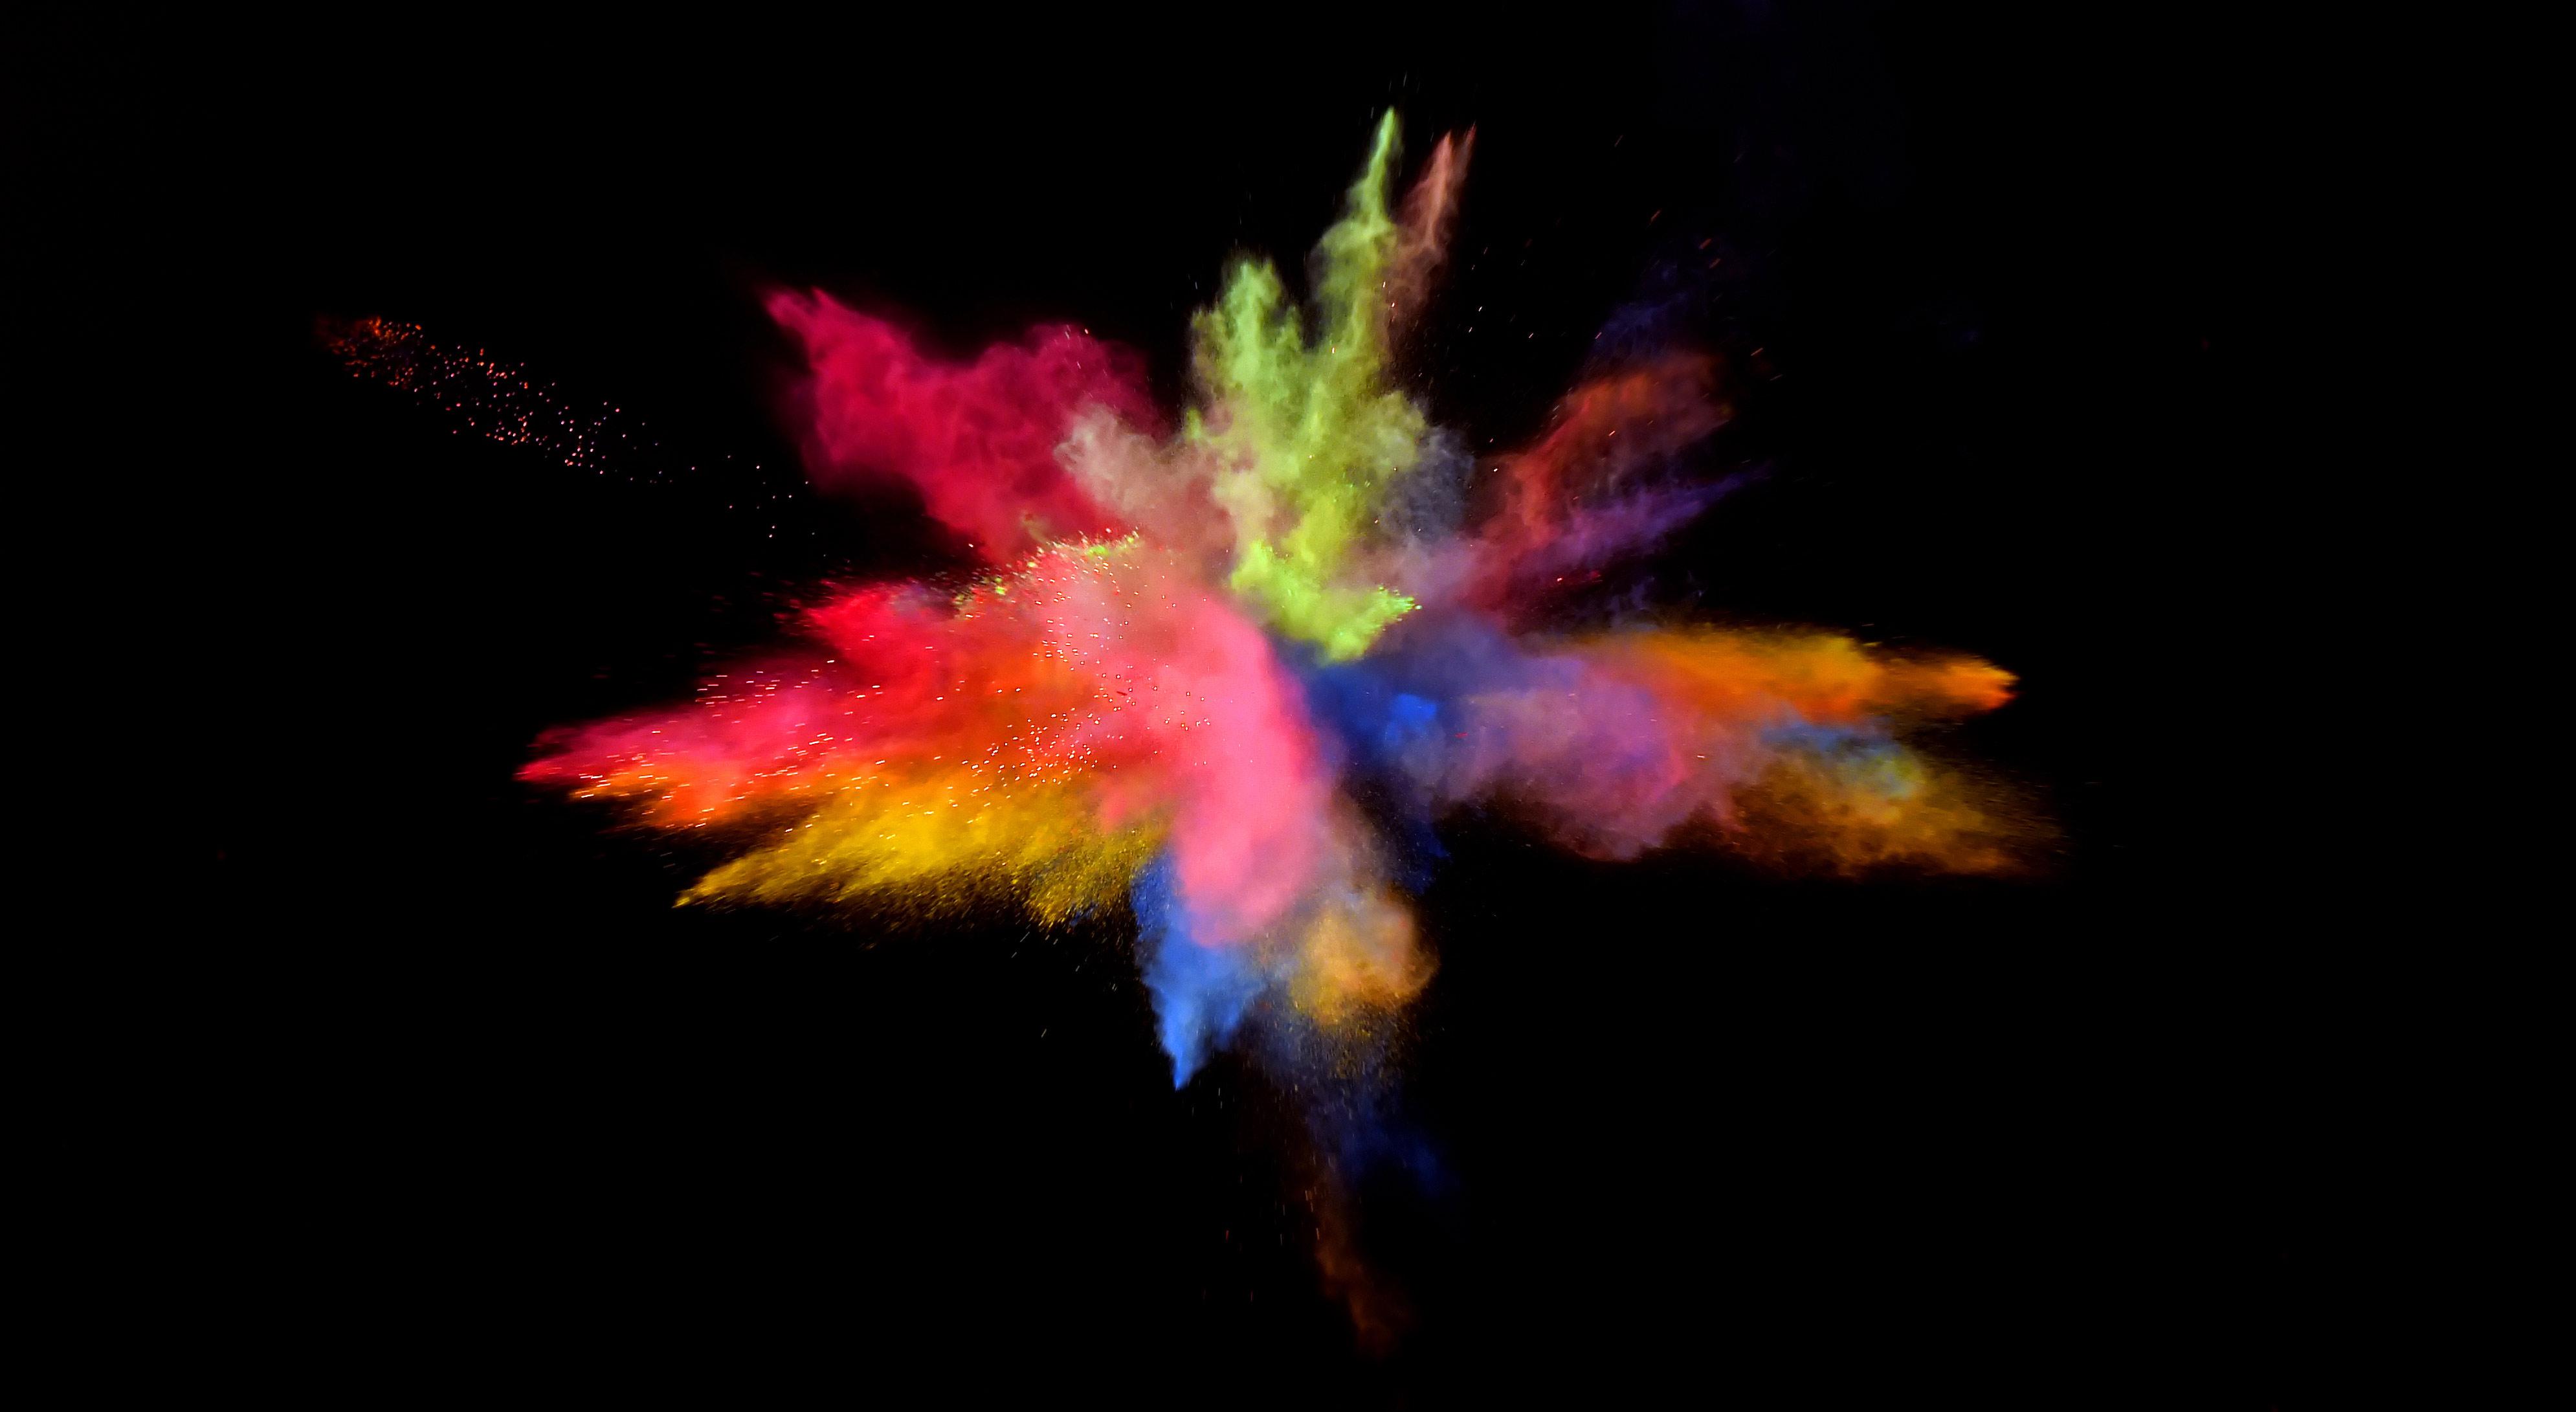 Motif / Colour